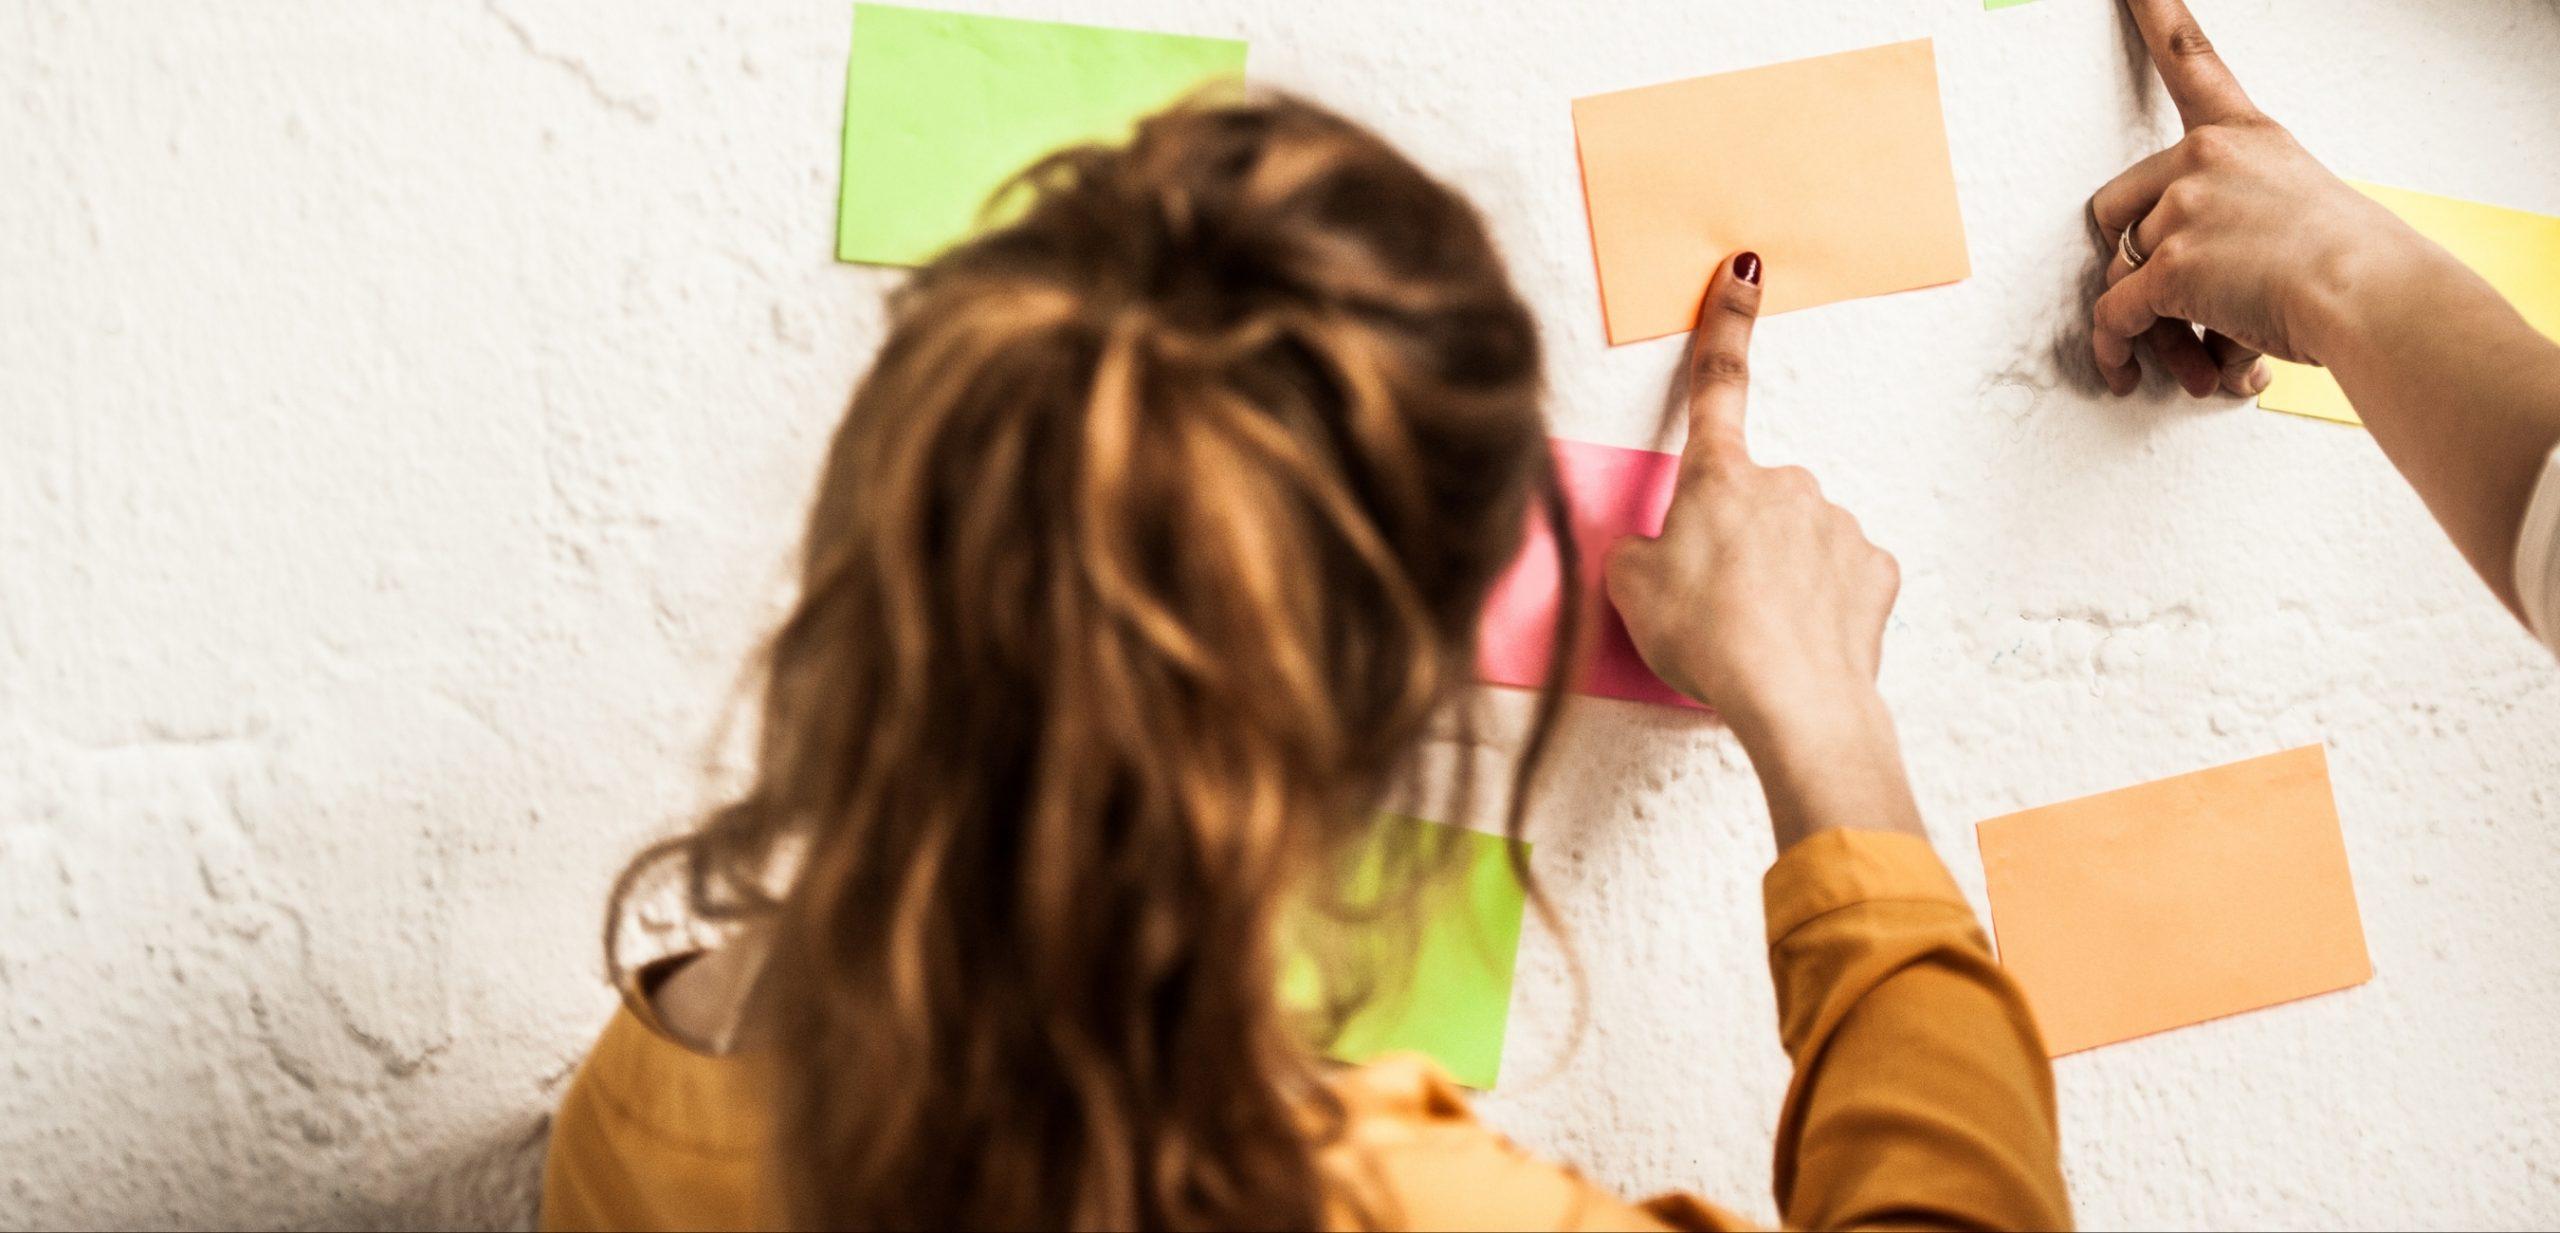 """Imagen de portada de """"El Equipo"""" en donde se visualiza una chica escribiendo en un postit"""